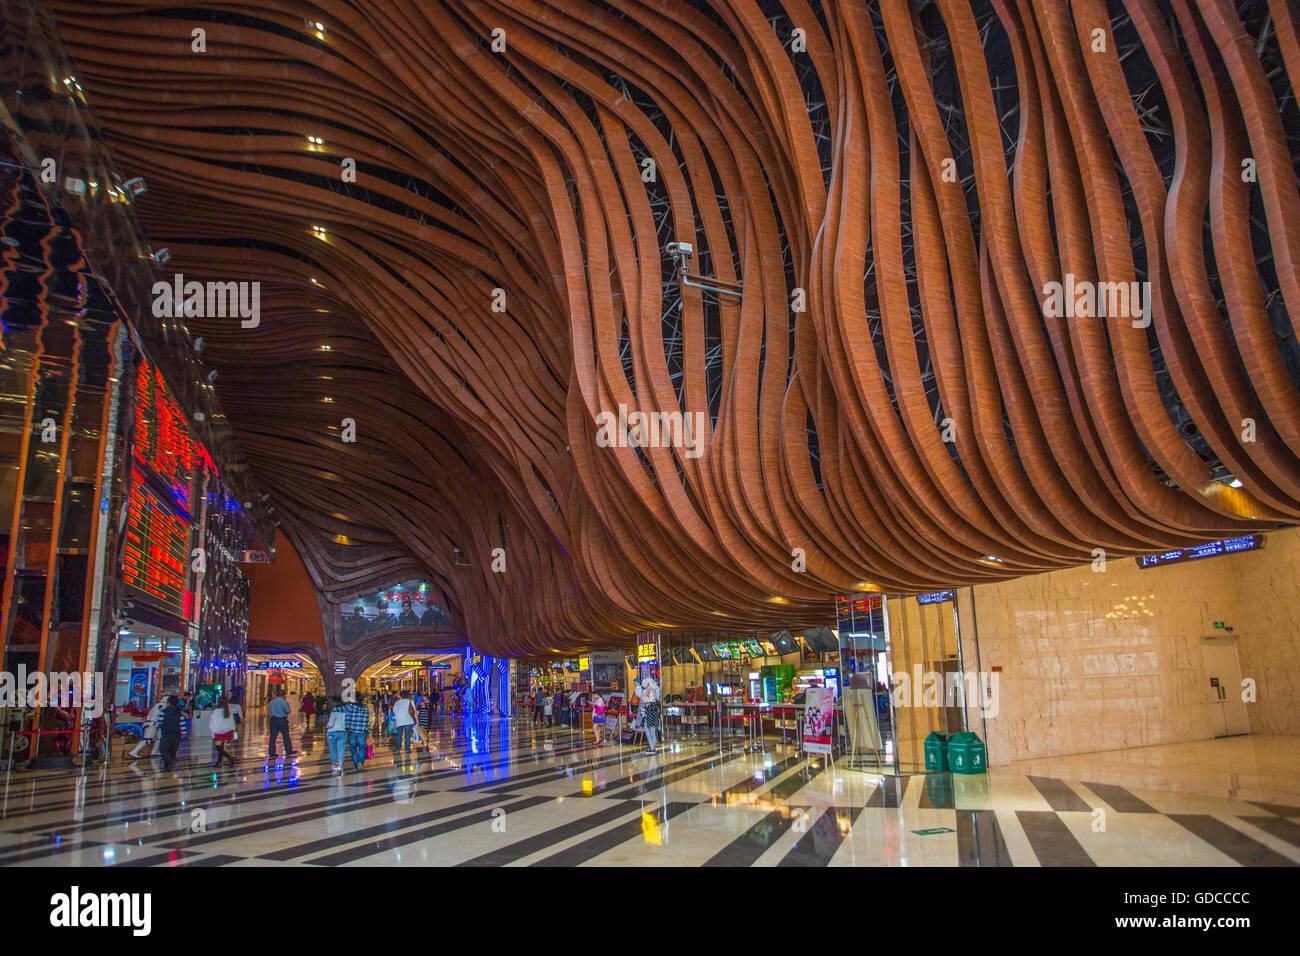 Architektur, künstlich angelegten Strand, groß, Gebäude, Stadt Chengdu, China, Eingang, Global Center, Stockbild